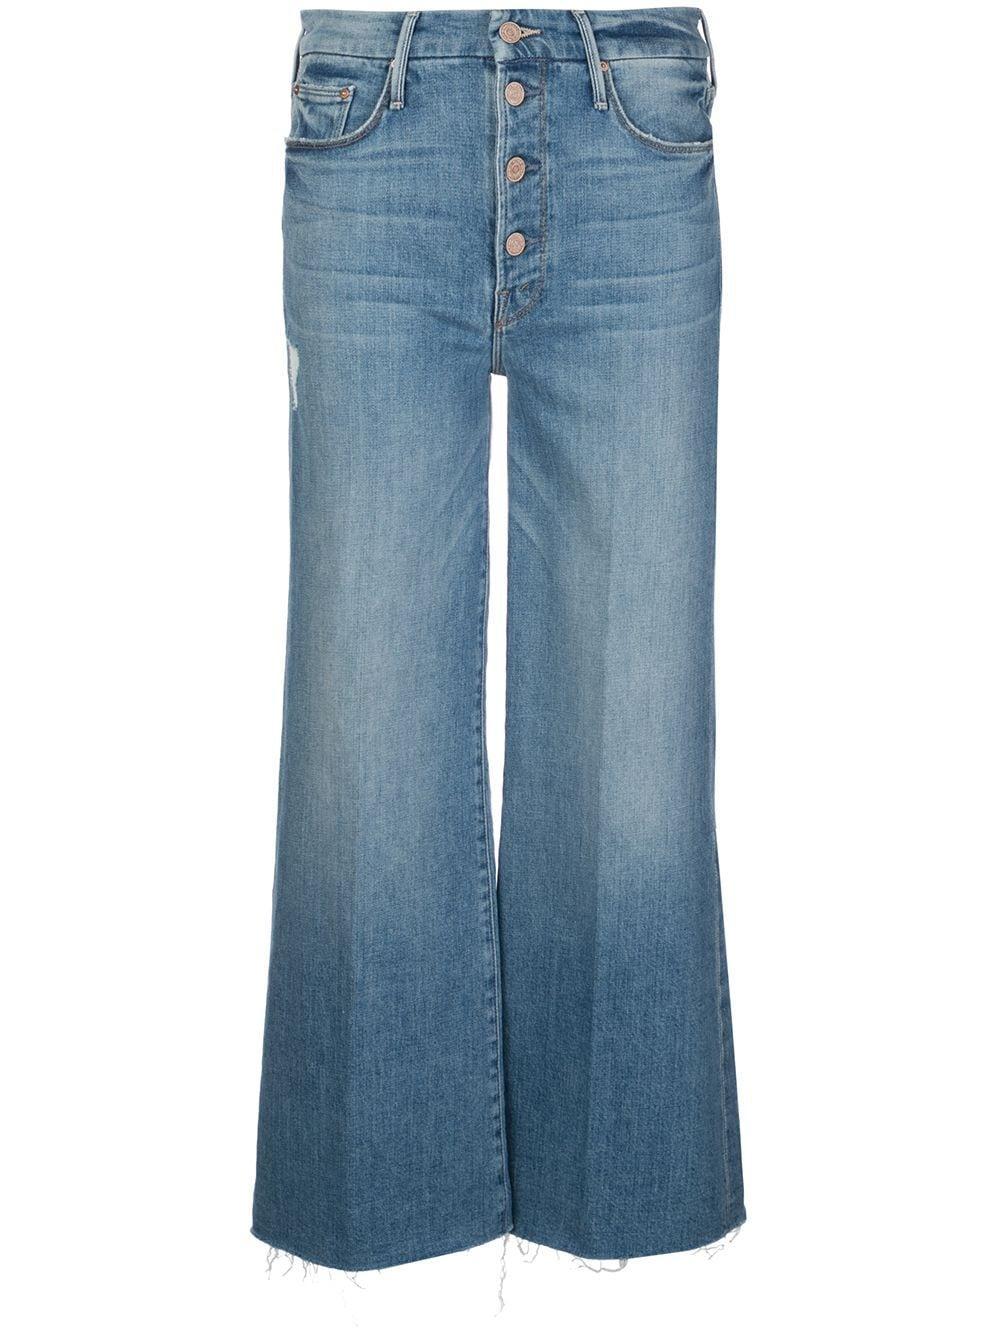 Pixie Roller Wide Leg Jean Item # 1185-624